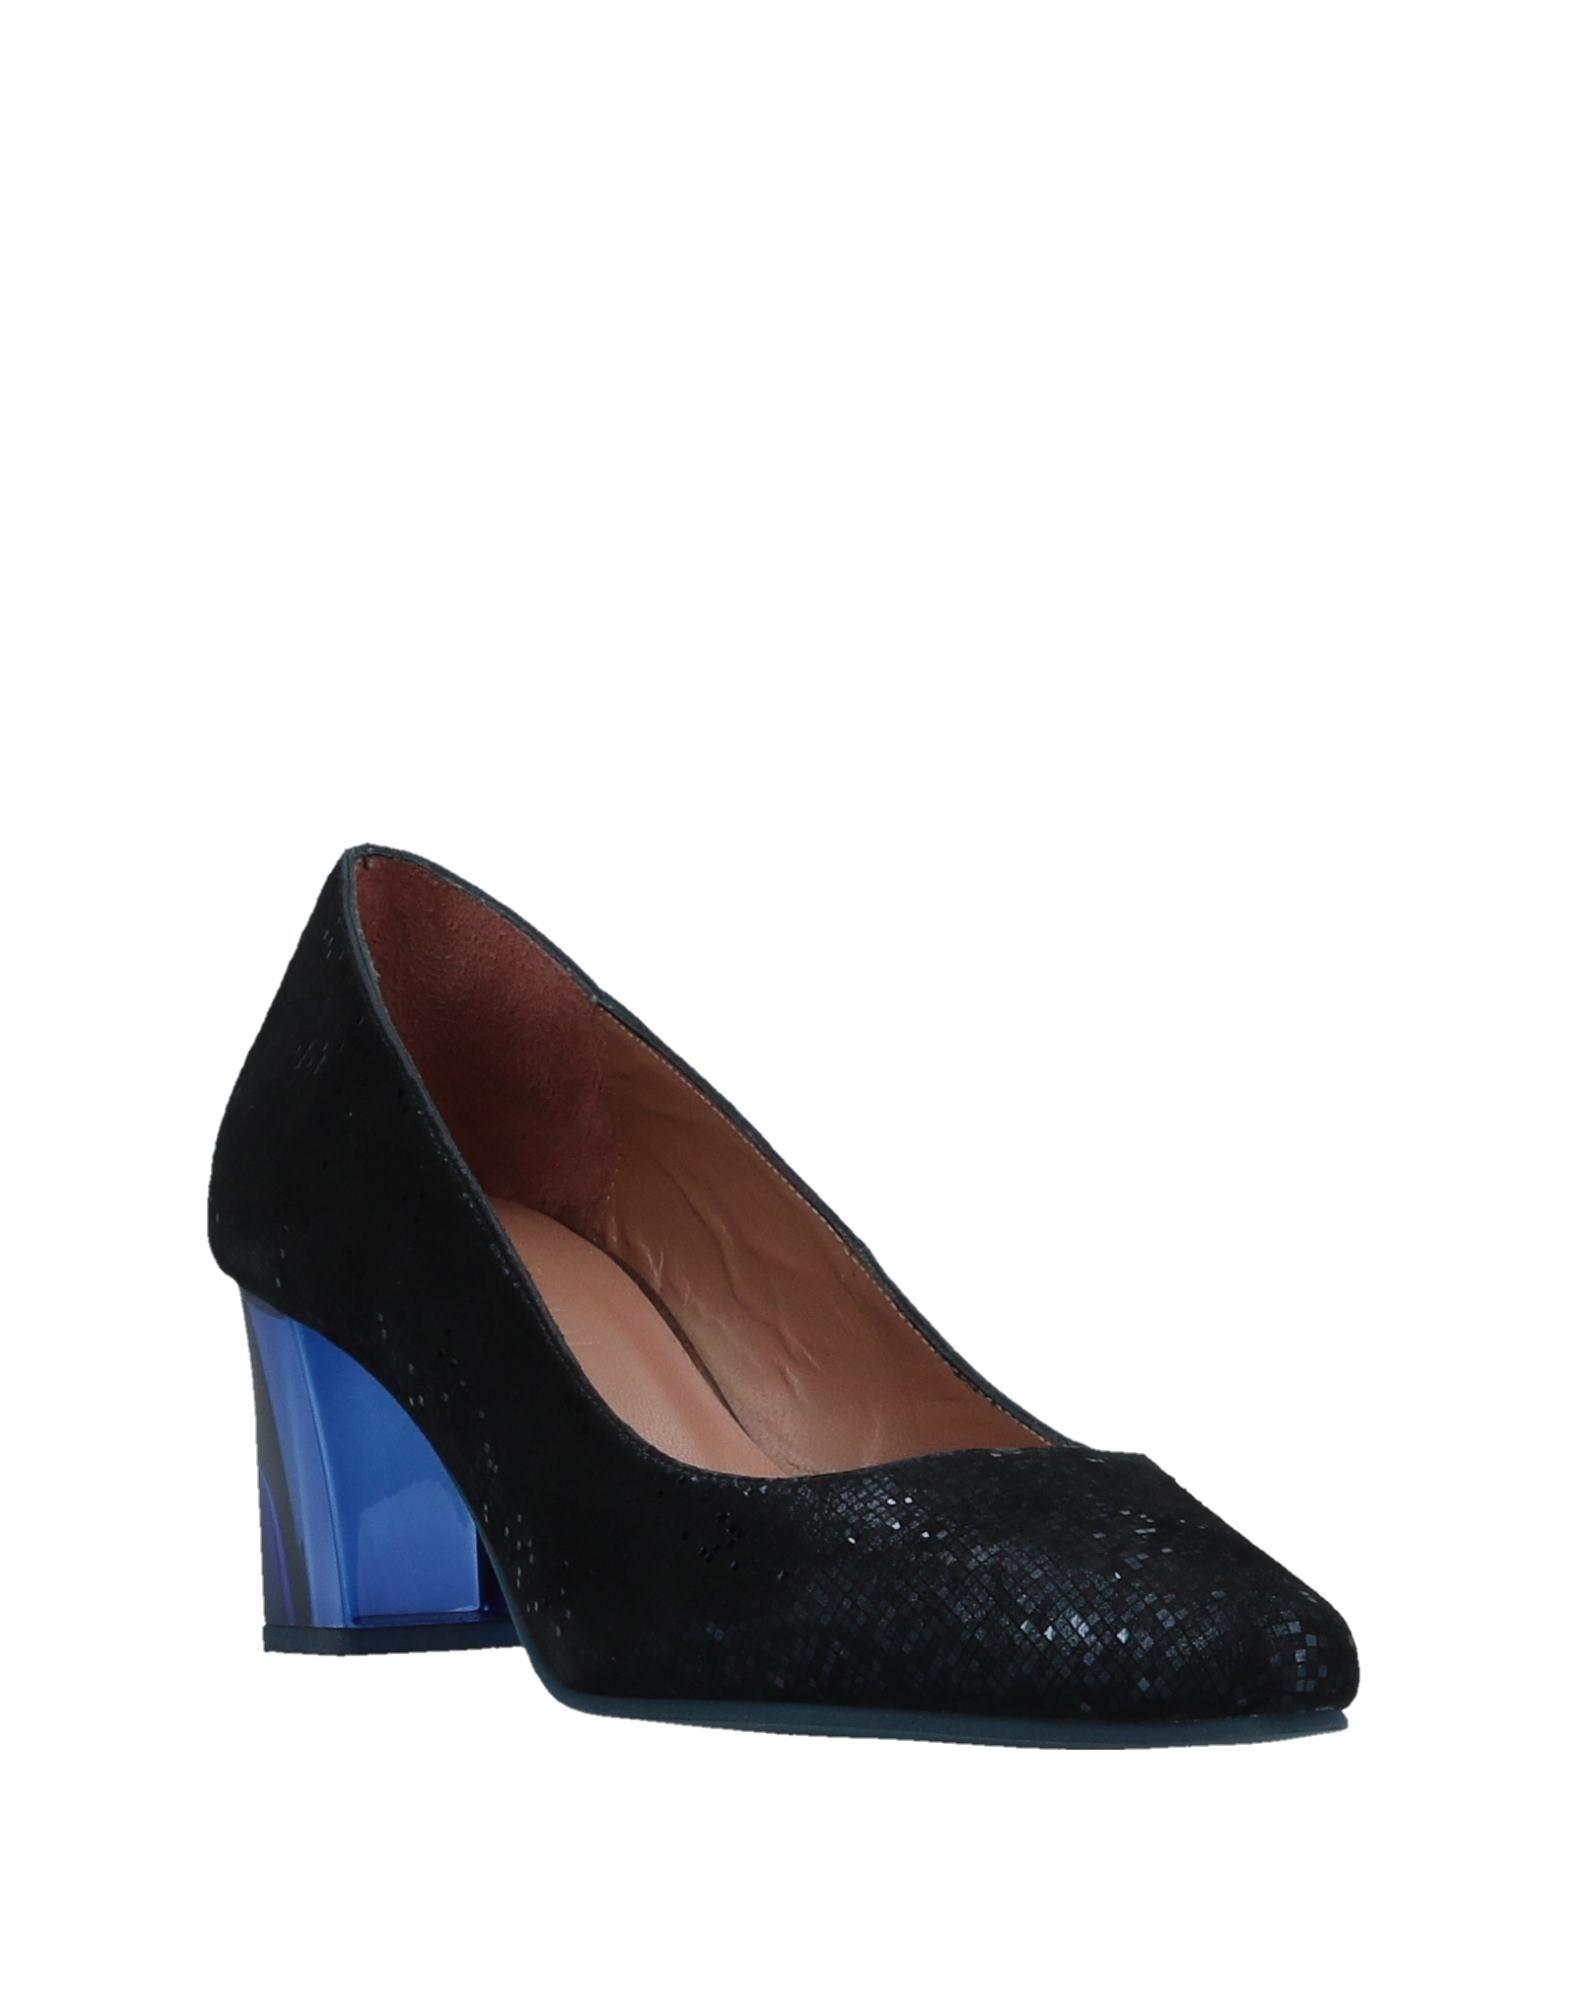 Ancarani Pumps Damen  11507630XA Gute Qualität beliebte Schuhe Schuhe beliebte c1097b